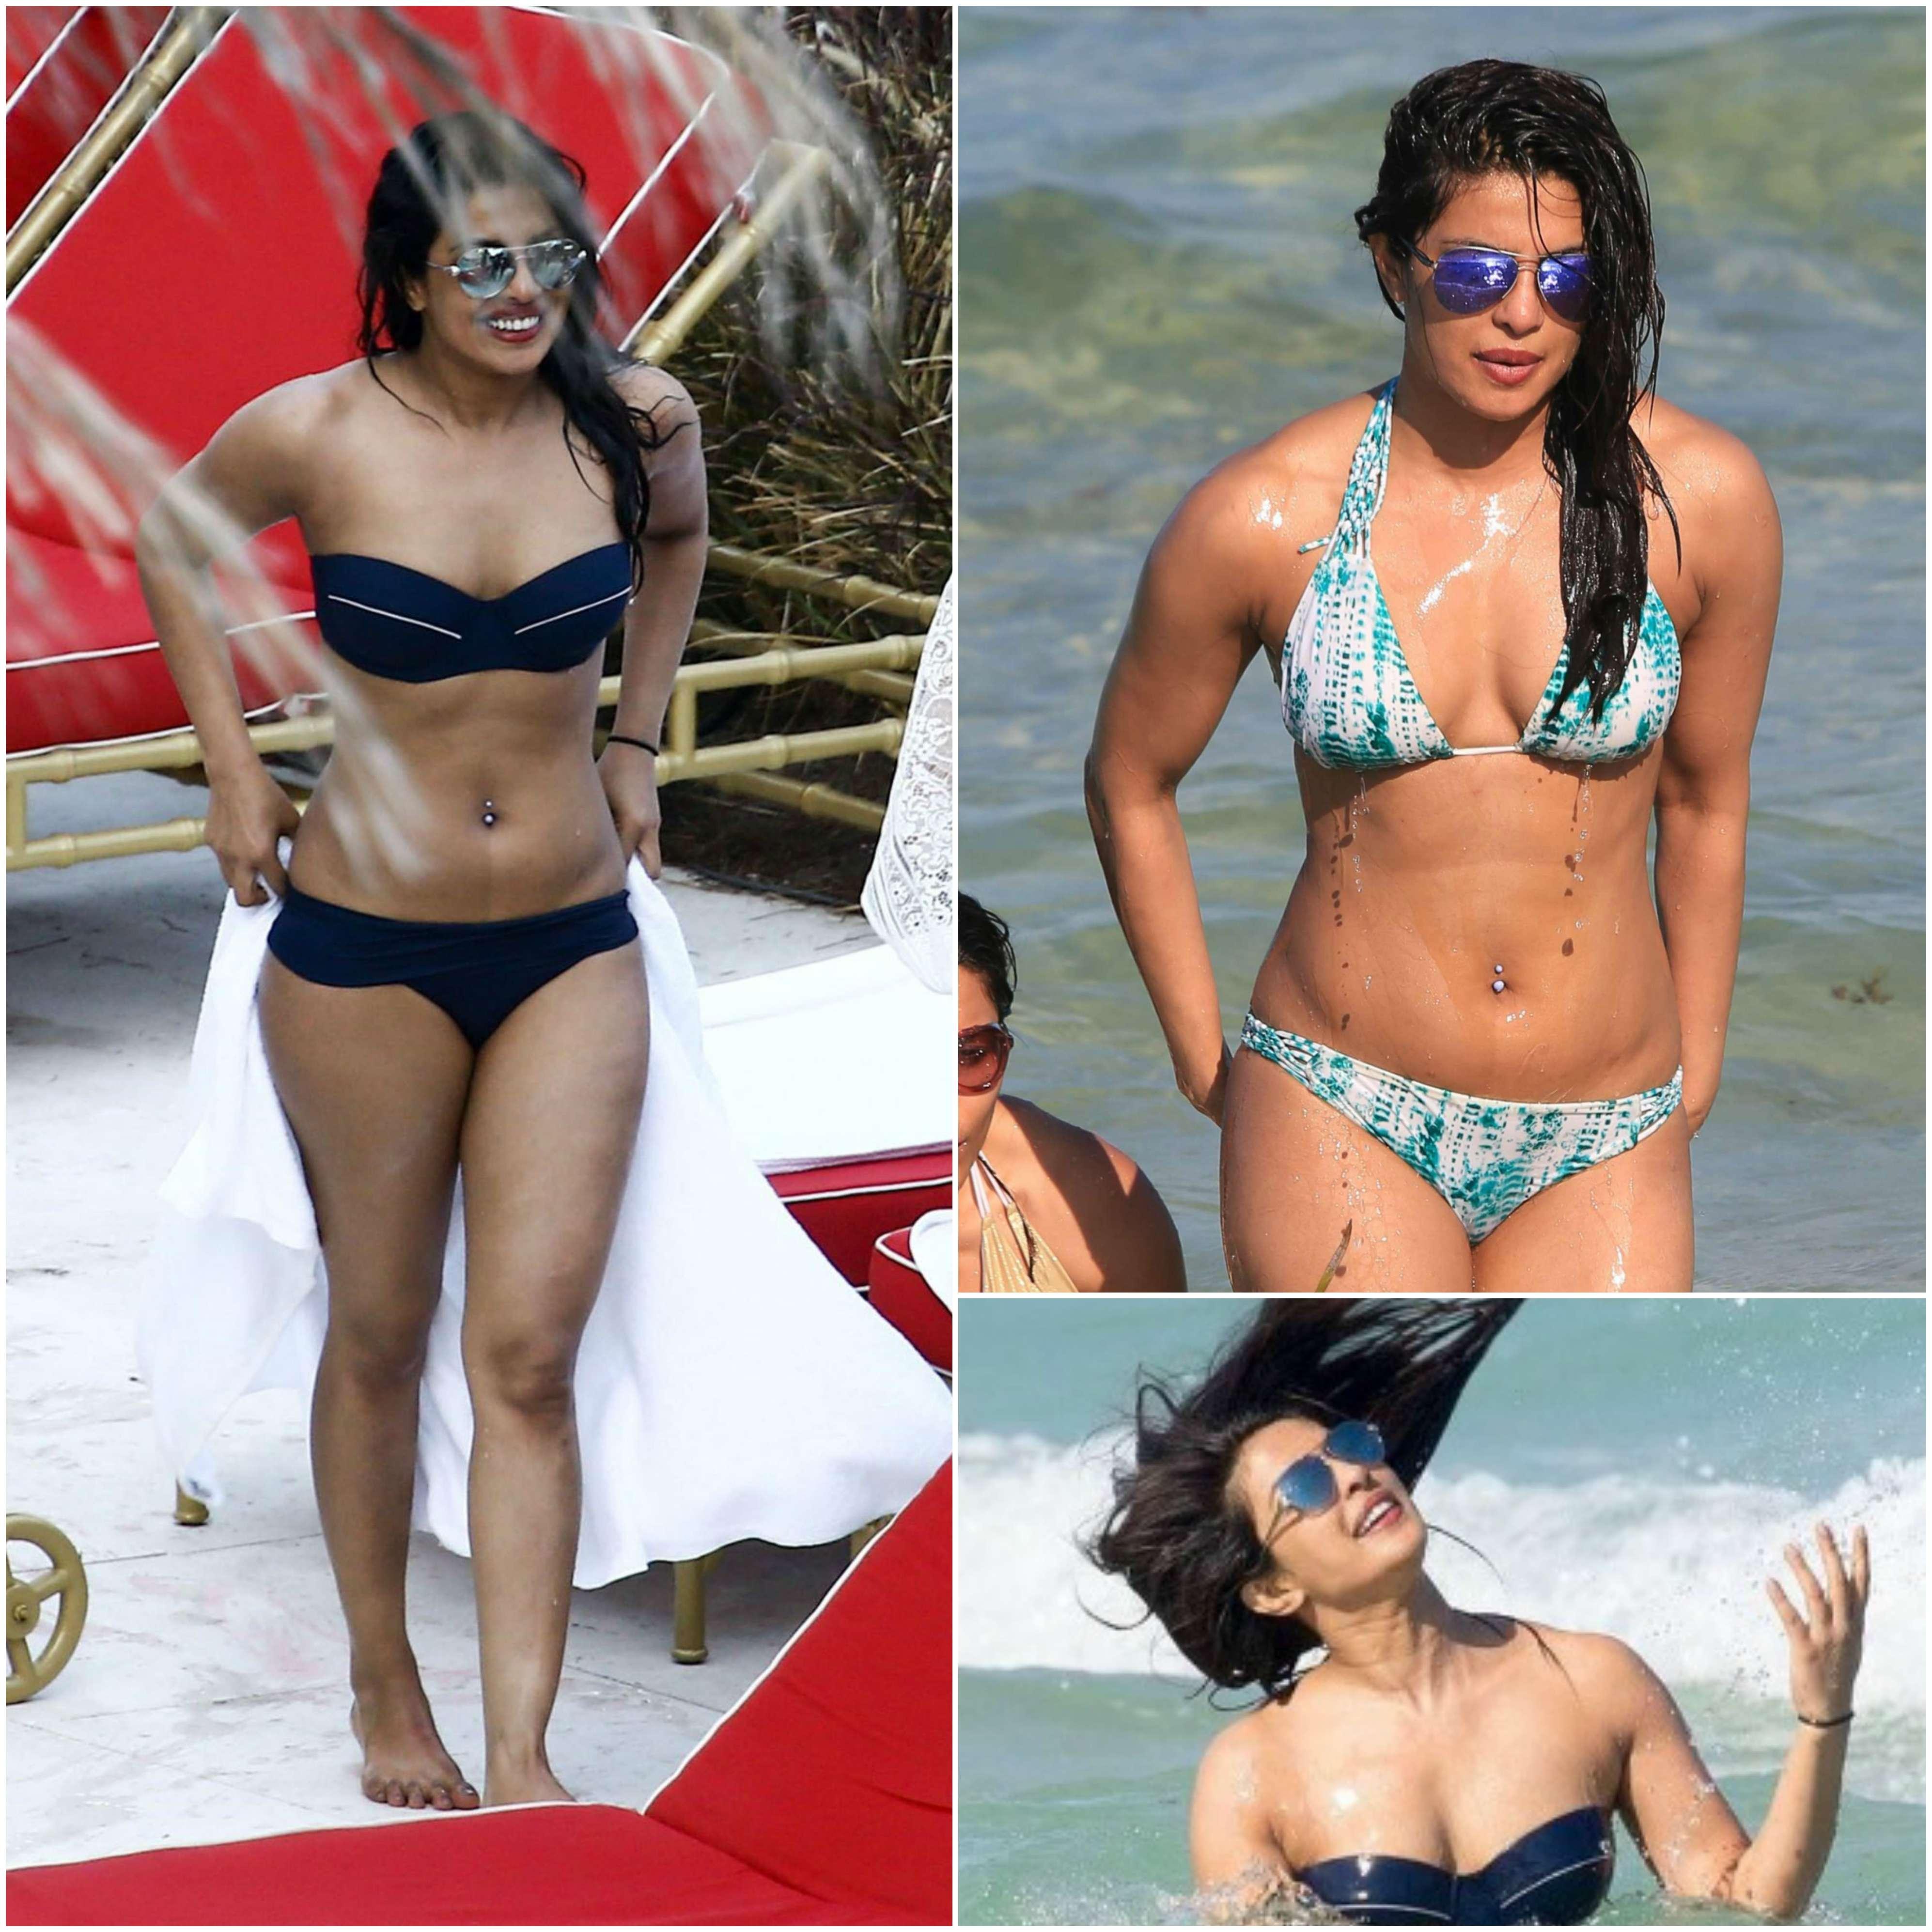 Nude Priyanka Gandhi Best priyanka chopra - bollywood bikini babes of 2017: priyanka chopra